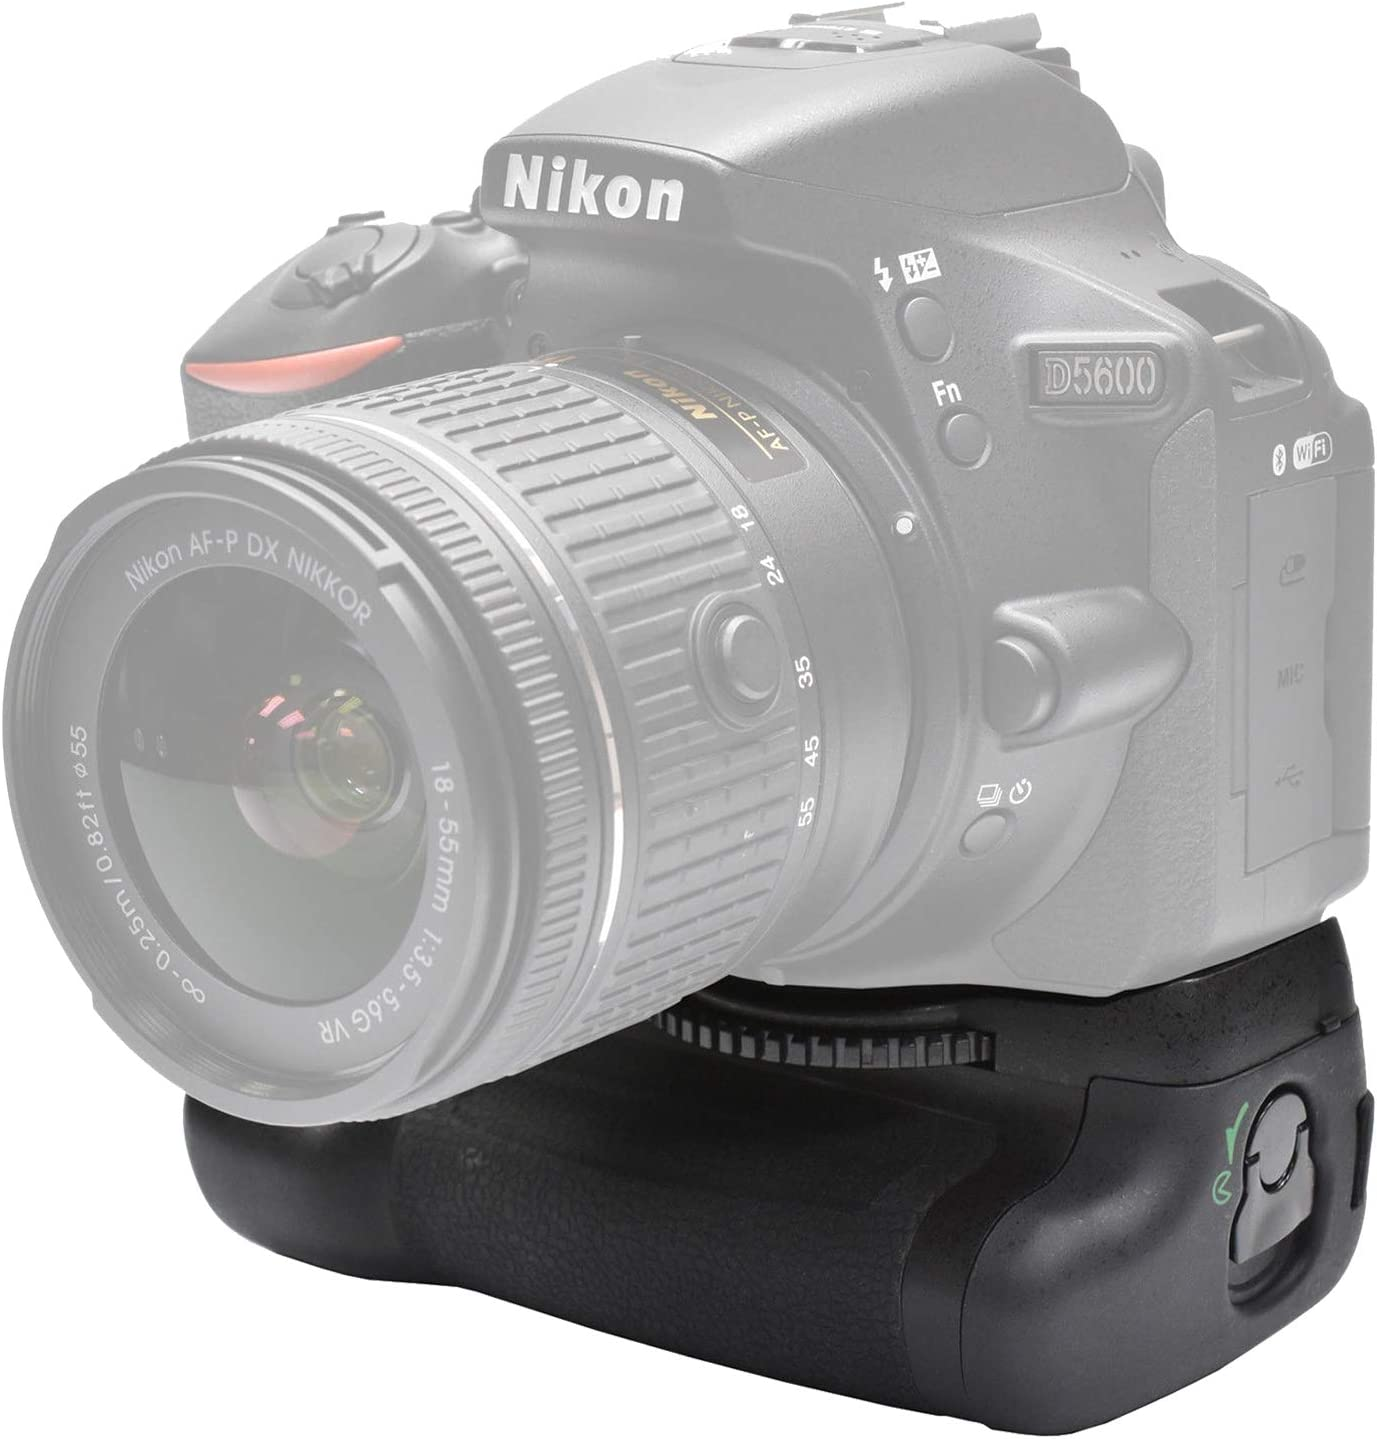 Charger 2-Pk EN-EL14a Long-Life Batteries Battery Grip Bundle F//Nikon D5600: Includes Vertical Battery Grip UltraPro Accessory Bundle